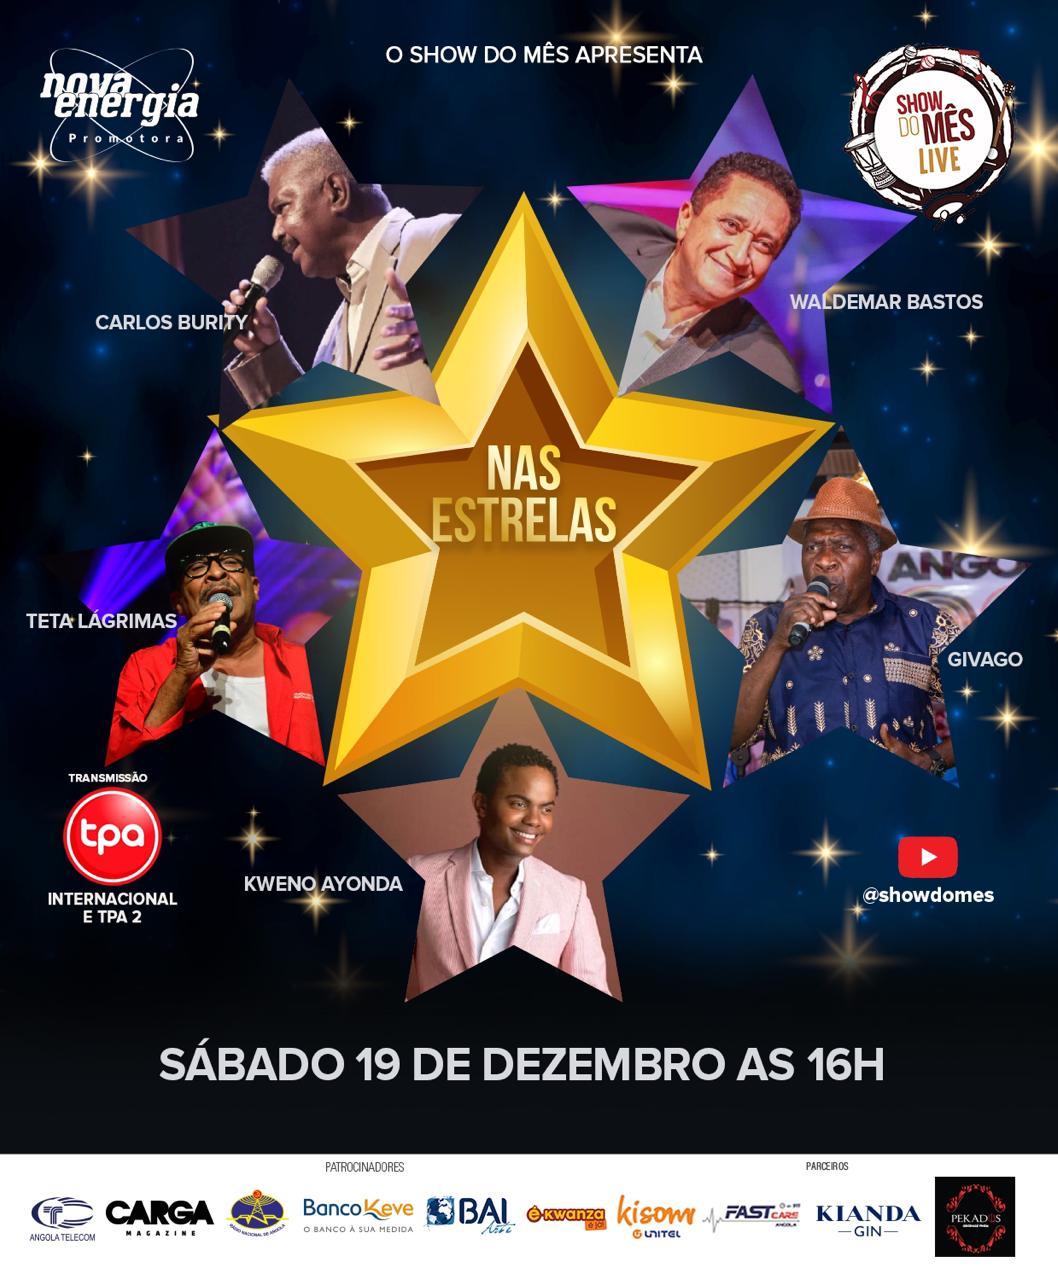 Show Do Mês venera cinco estrelas da música angolana que partiram este ano